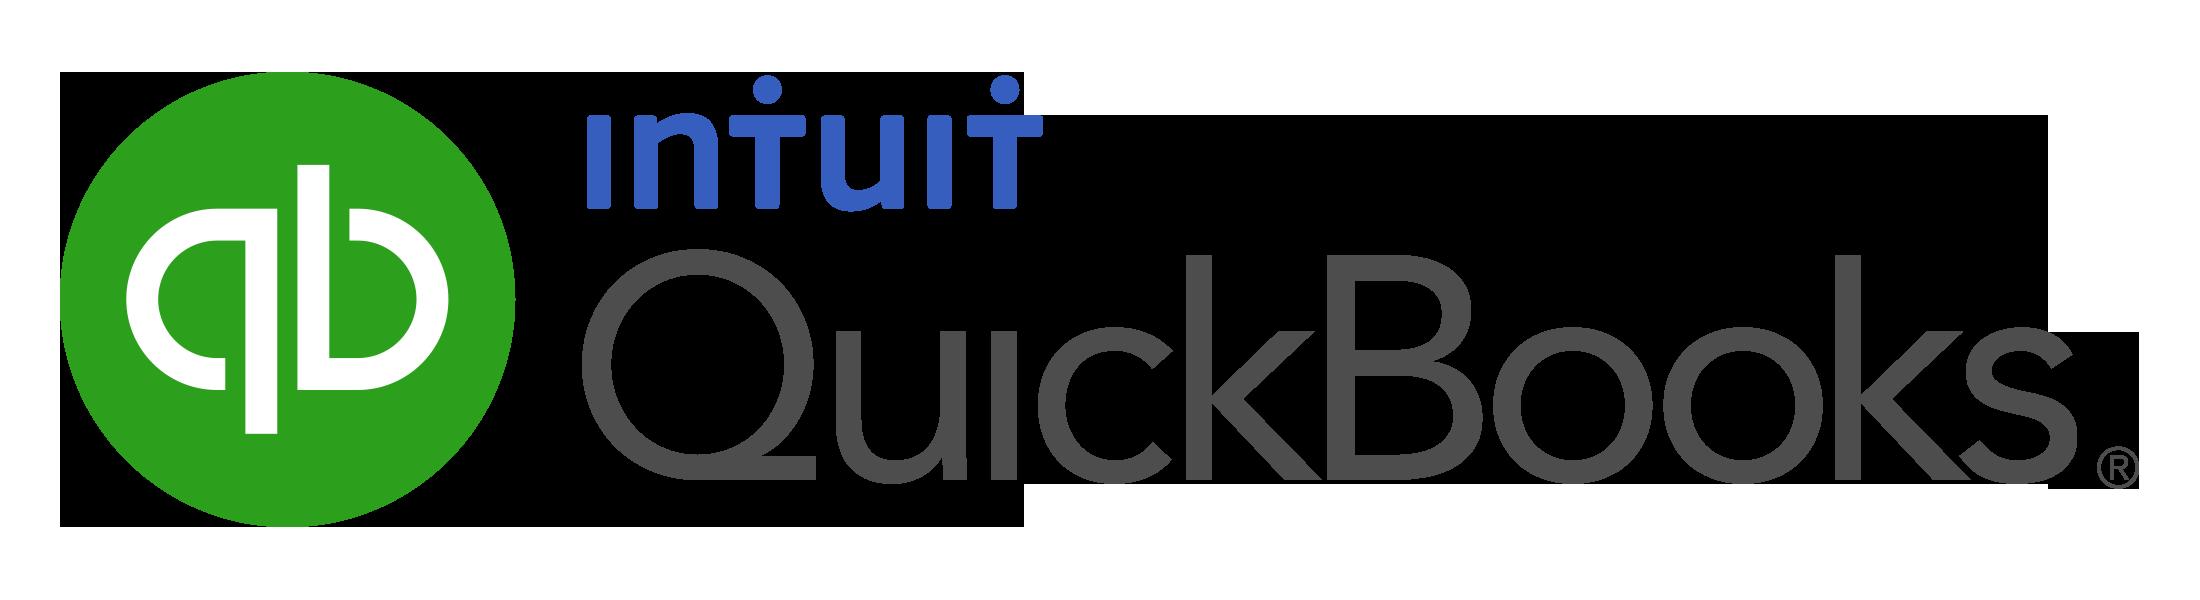 Quickbooks_intuit_logo (2).png